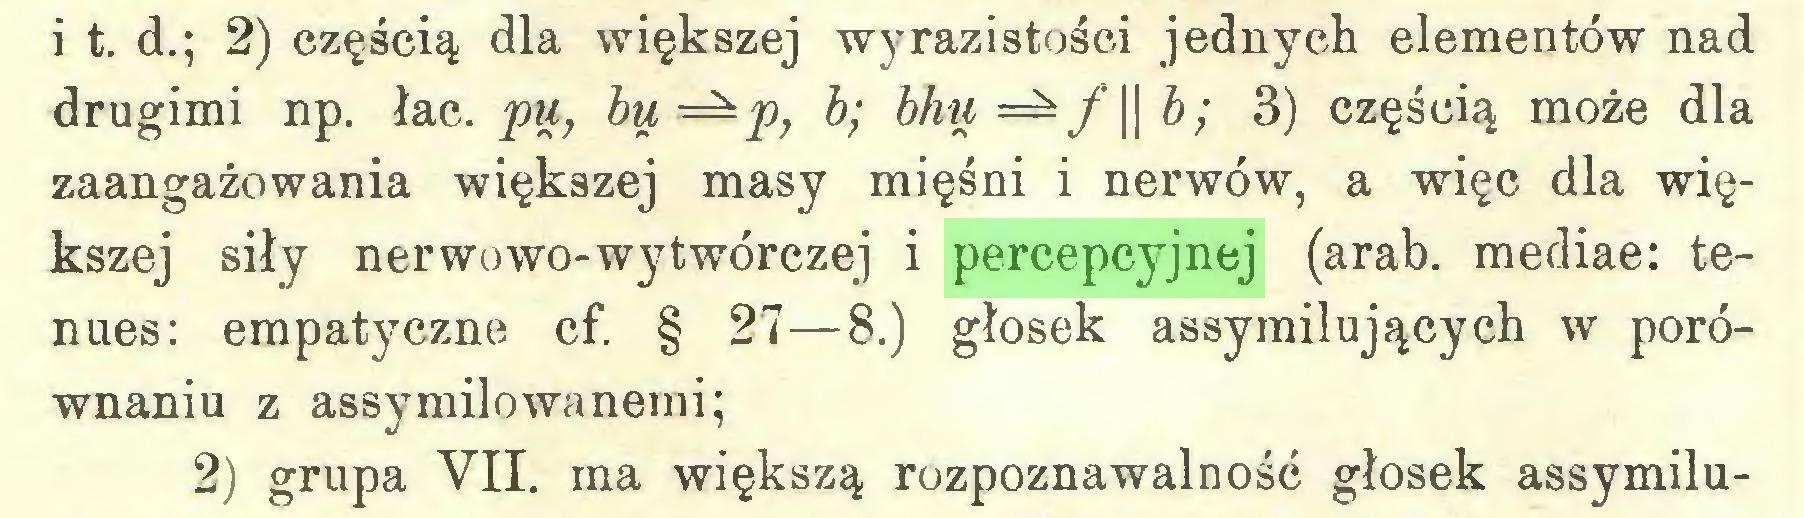 (...) i t. d.; 2) częścią dla większej wyrazistości jednych elementów nad drugimi np. łac. pu, bu—p, b; bhti — f || b; 3) częścią może dla zaangażowania większej masy mięśni i nerwów, a więc dla większej siły nerwowo-wytwórczej i percepcyjnej (arab. mediae: tenues: empatyczne cf. § 27—8.) głosek assymilujących w porównaniu z assymilowanemi; 2) grupa VII. ma większą rozpoznawalność głosek assymilu...